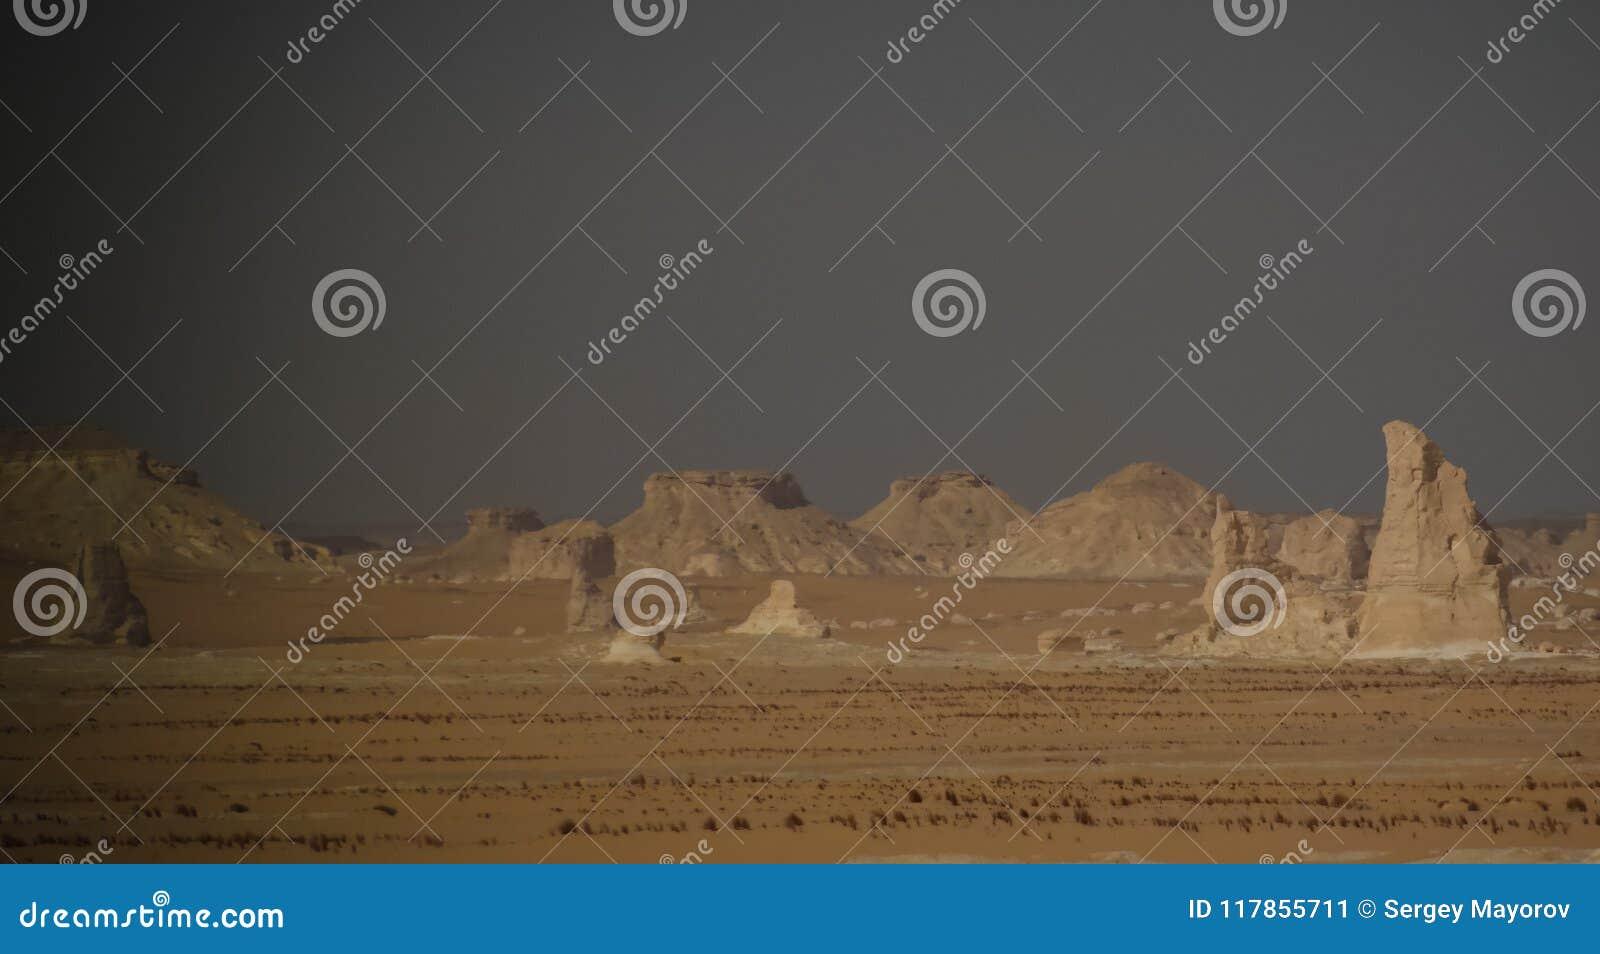 Abstracte aardbeeldhouwwerken in Witte woestijn, de Sahara, Egypte